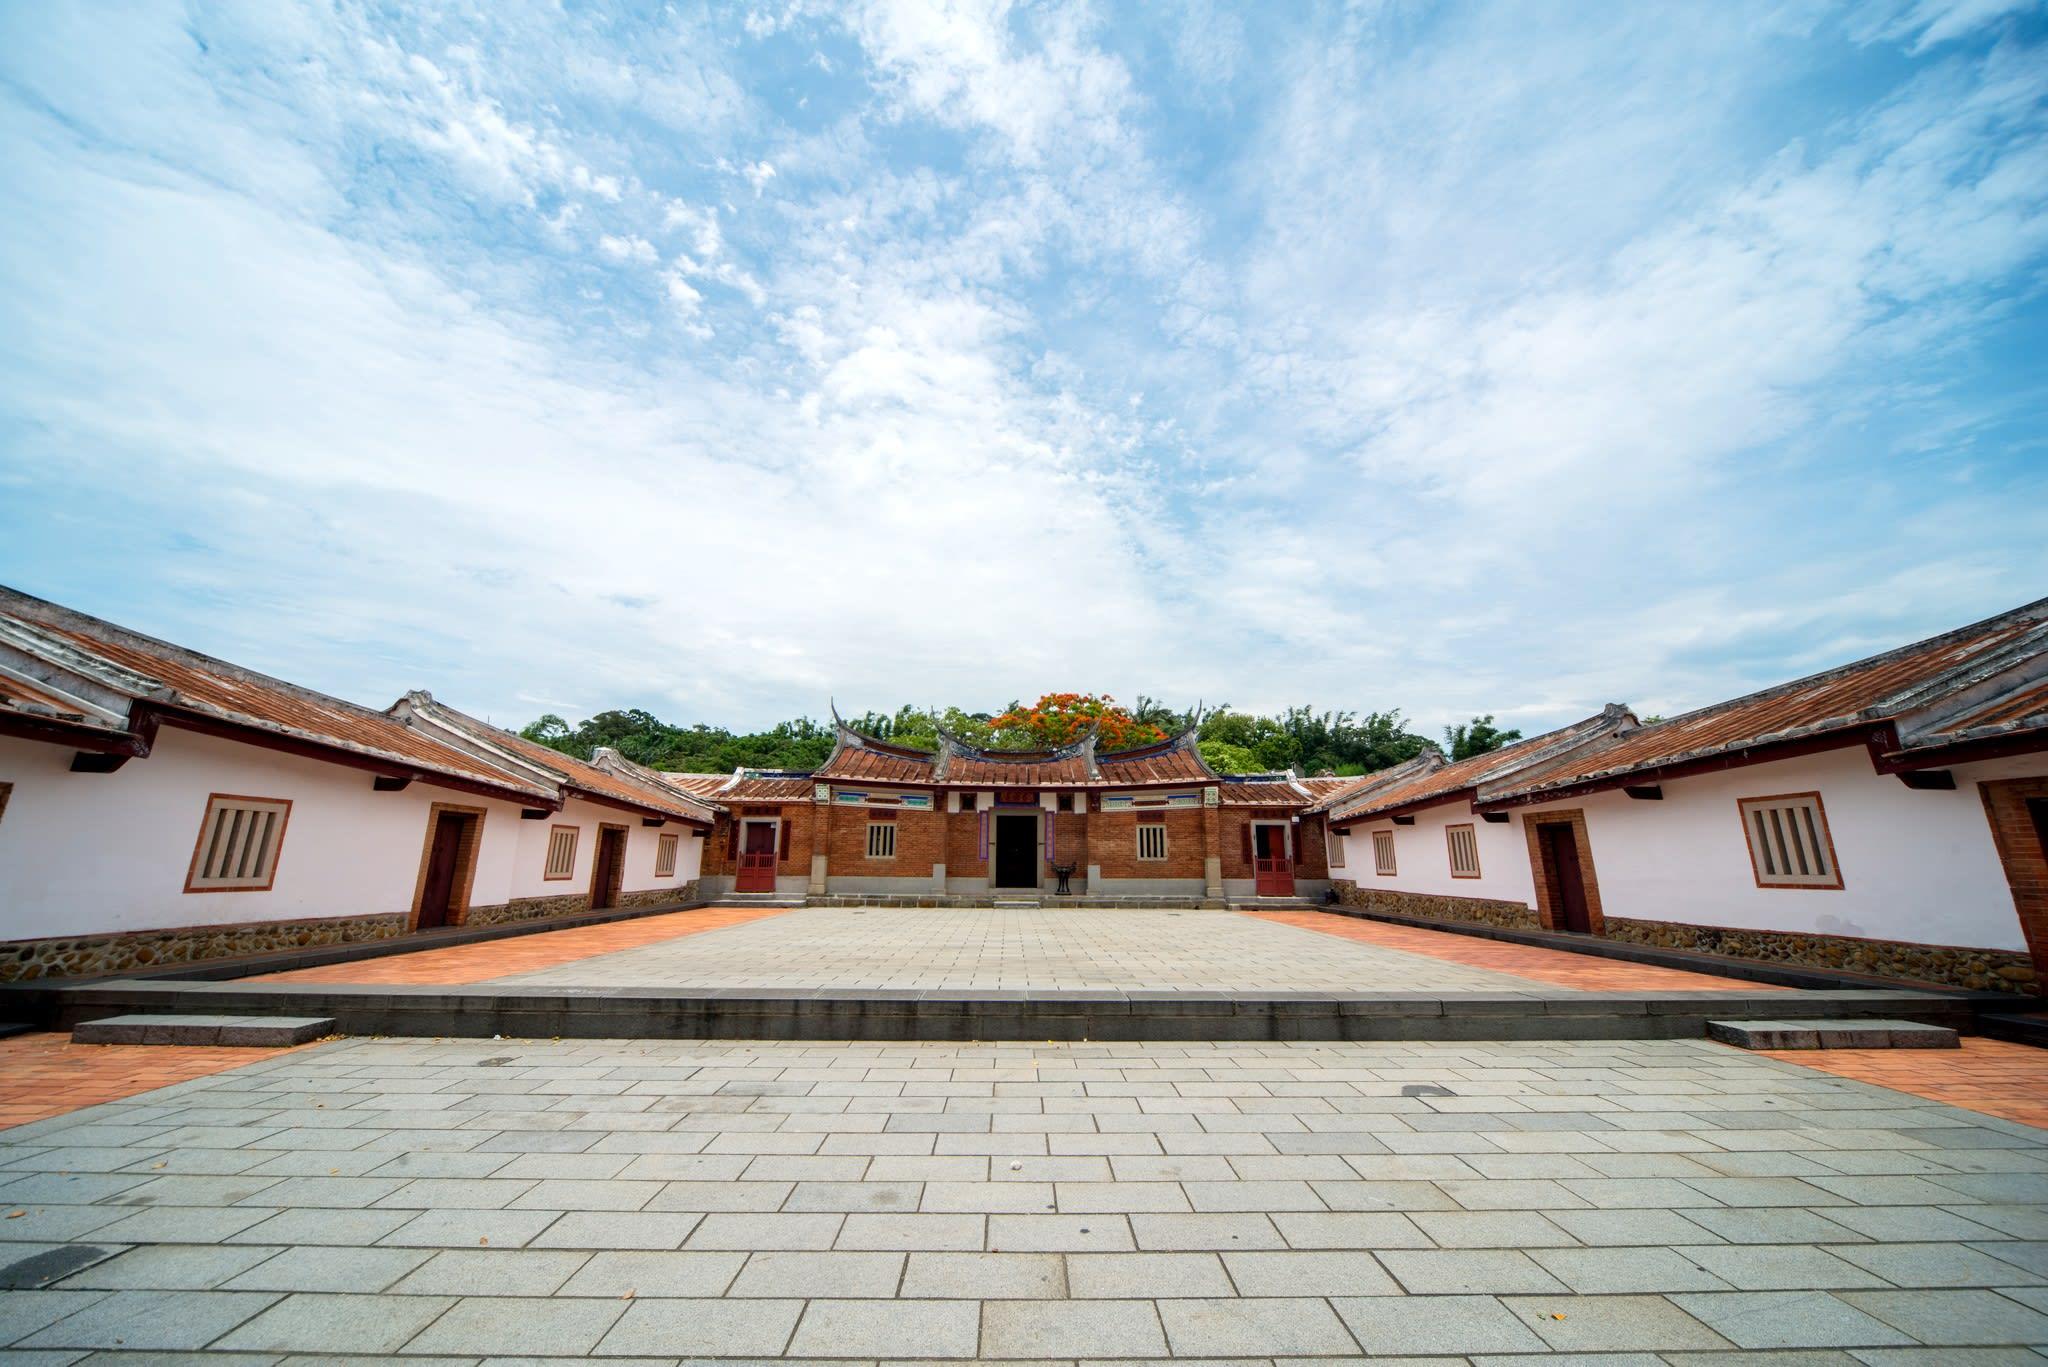 列為三級古蹟的「上坊寮劉宅」,是北台灣最大的傳統客家建築。(Flickr授權作者-Tony Tseng)